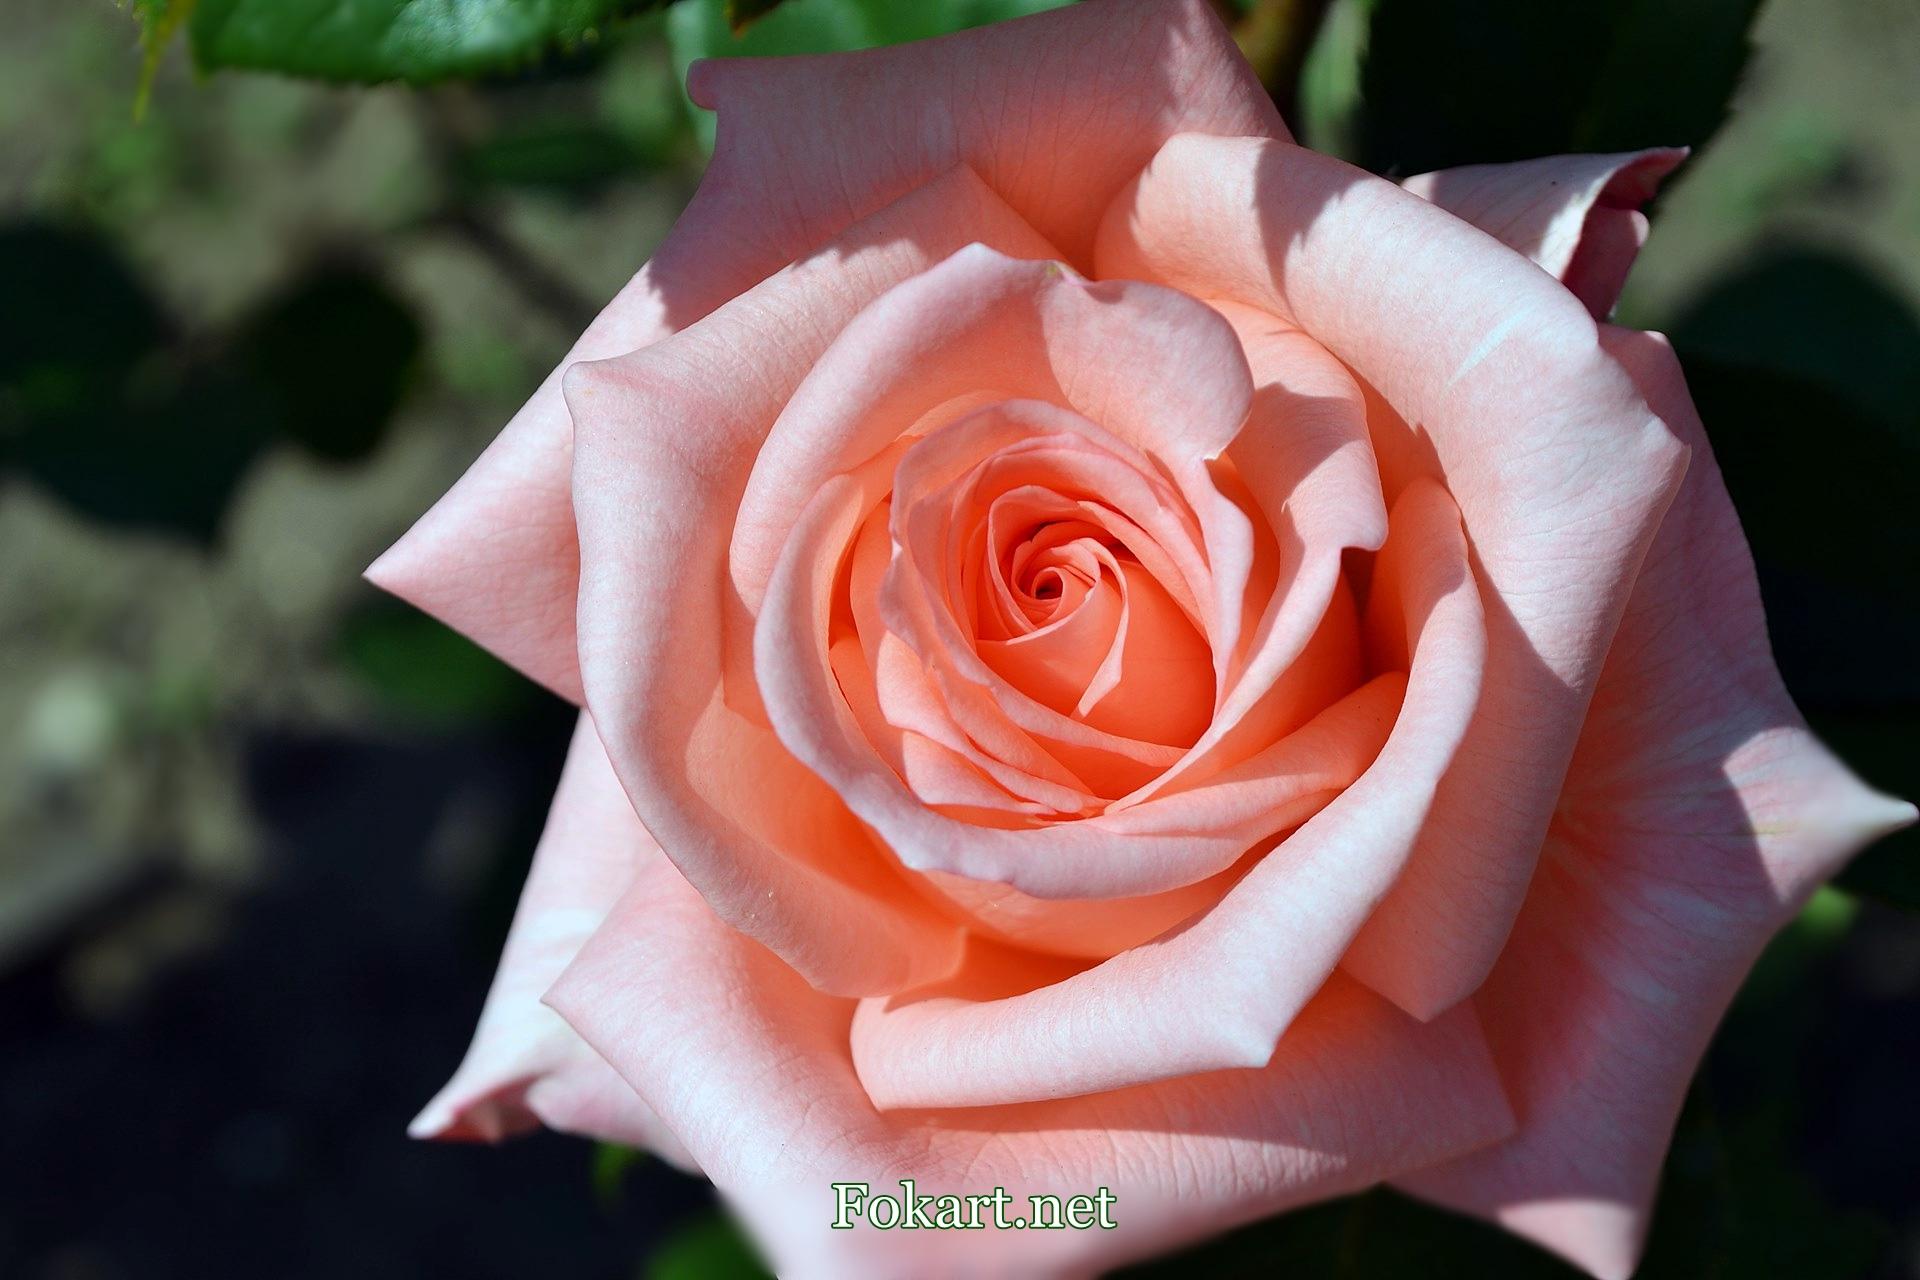 Красивая роза на весь экран нежного оттенка розового цвета